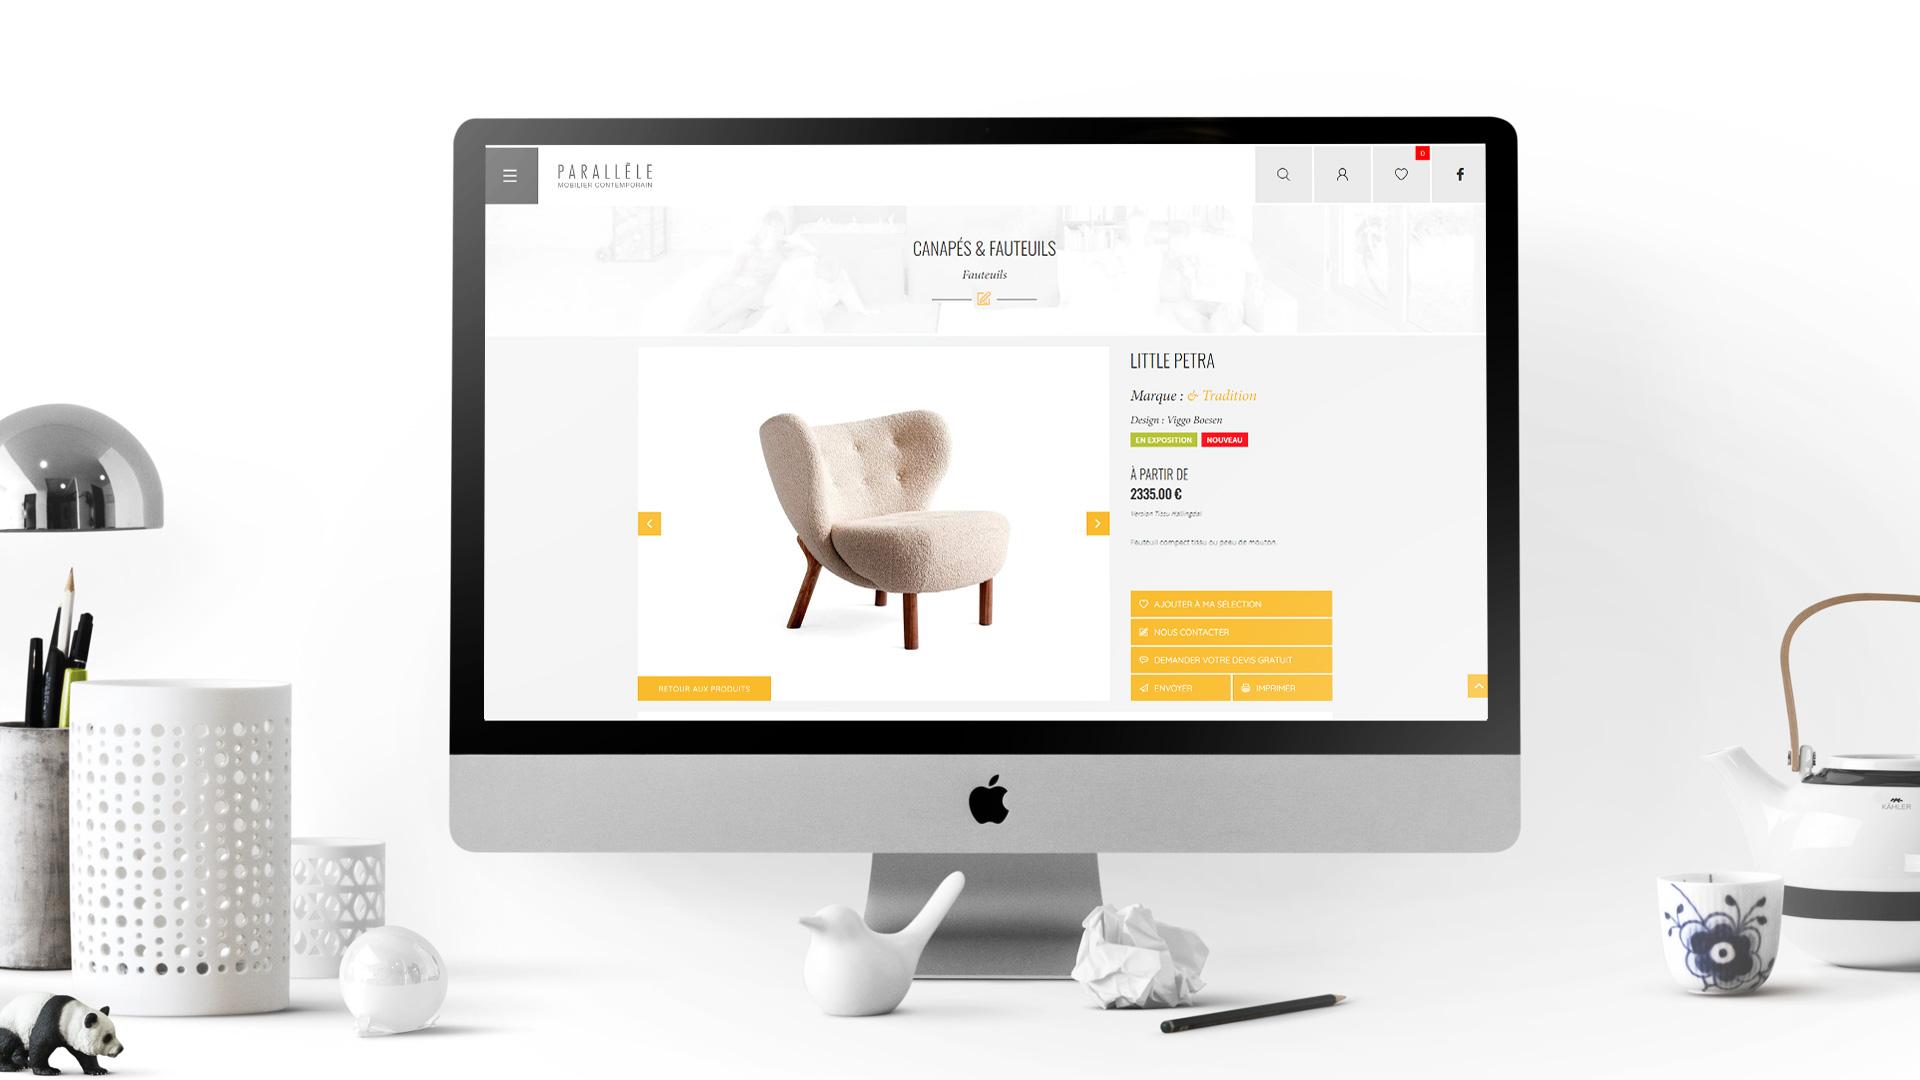 Parallèle Mobilier Contemporain website